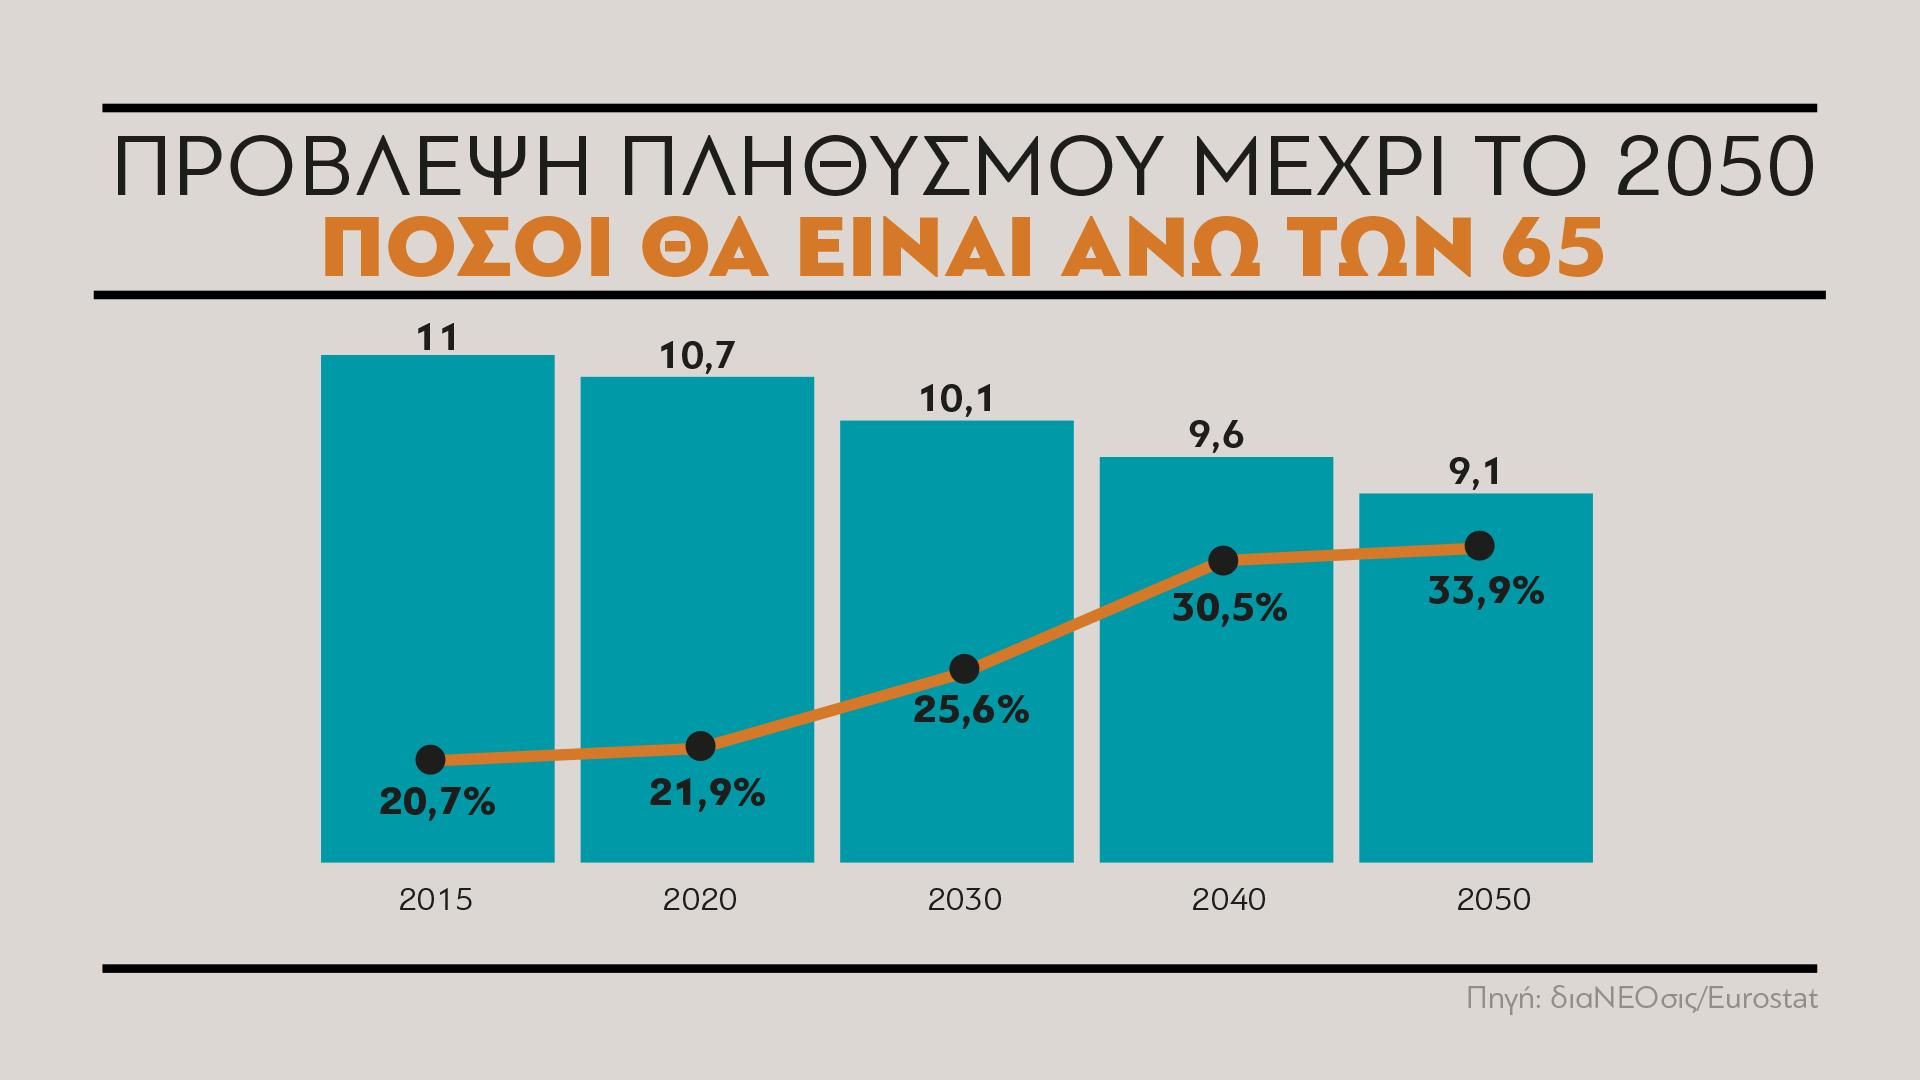 Το αρνητικό πρόσημο της φυσικής μεταβολής των τελευταίων ετών, εκτιμάται ότι θα συνεχιστεί και θα οδηγήσει σε σταδιακή μείωση τον συνολικό πληθυσμό της Ελλάδας μέχρι το 2050, όπως αποτυπώνεται στην τελευταία αναθεώρηση της Eurostat